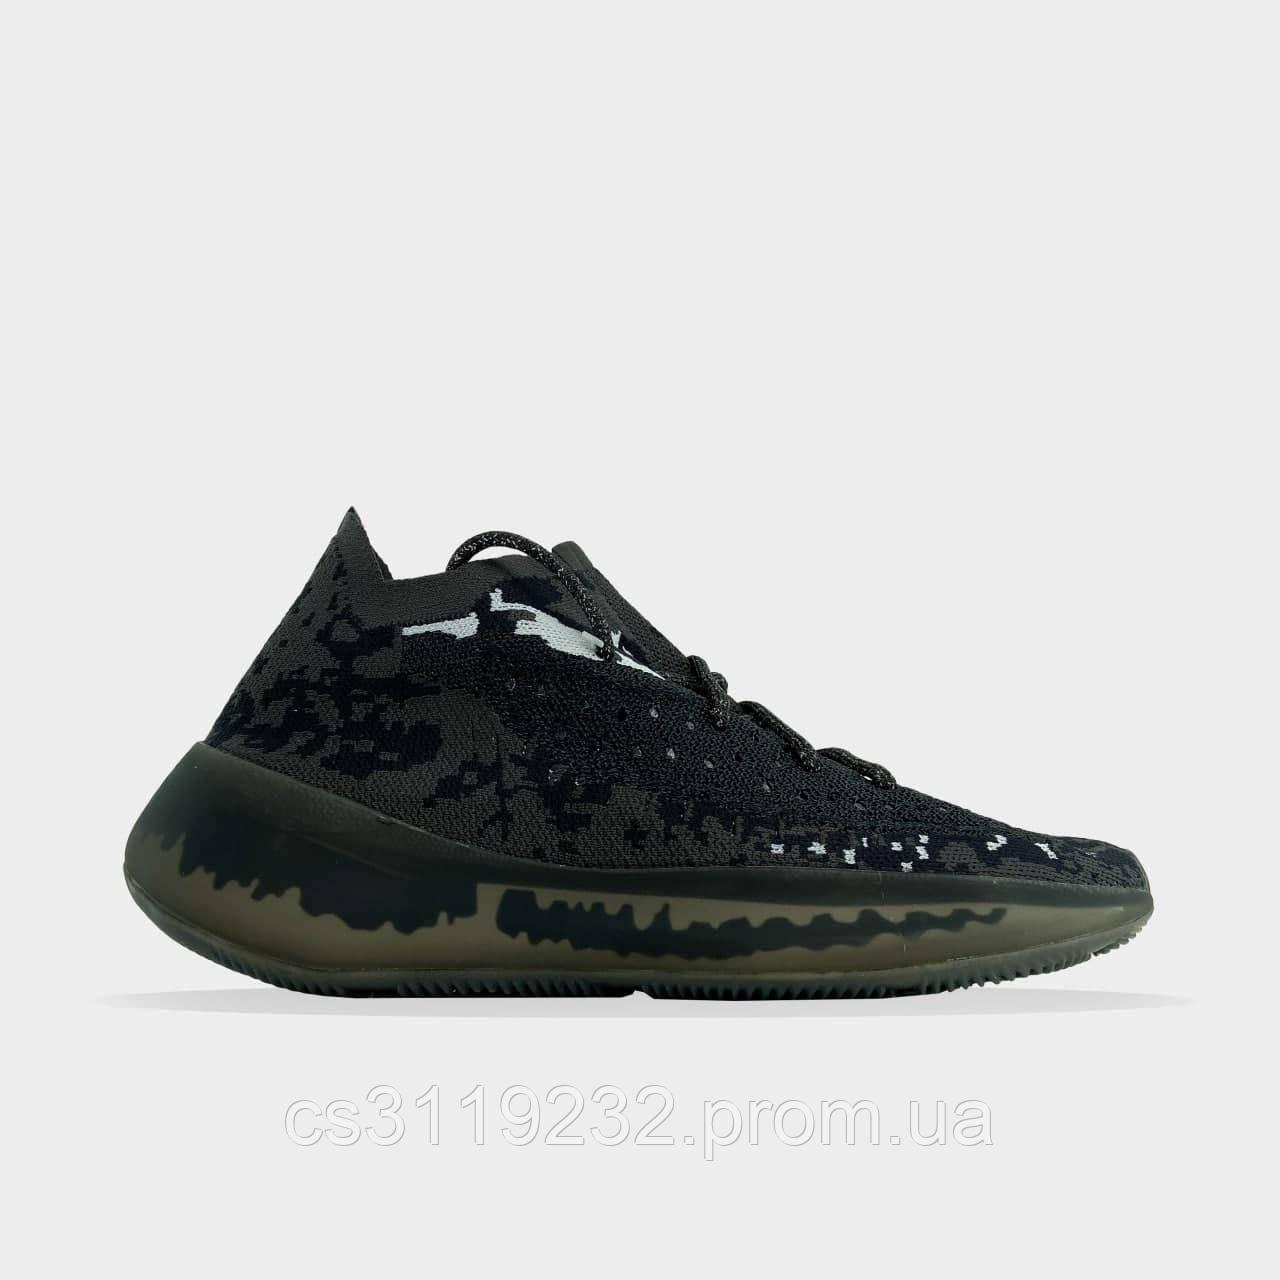 Мужские кроссовки Yeezy Boost 380 Black(черные)